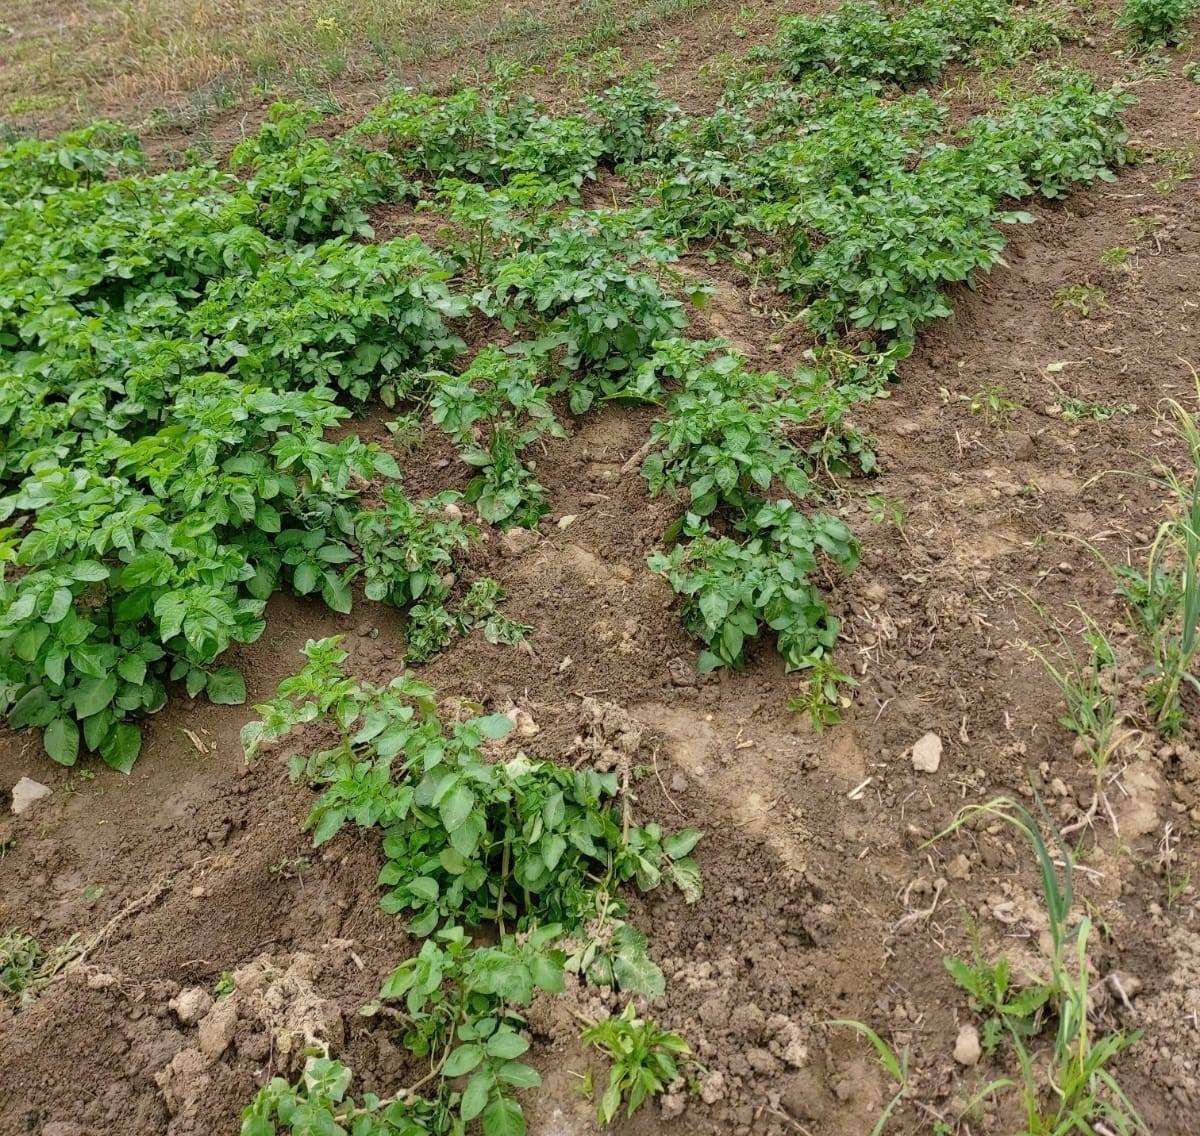 Osim kukuruza divlje svinje uništavaju i posađeni krumpir u Bzenici